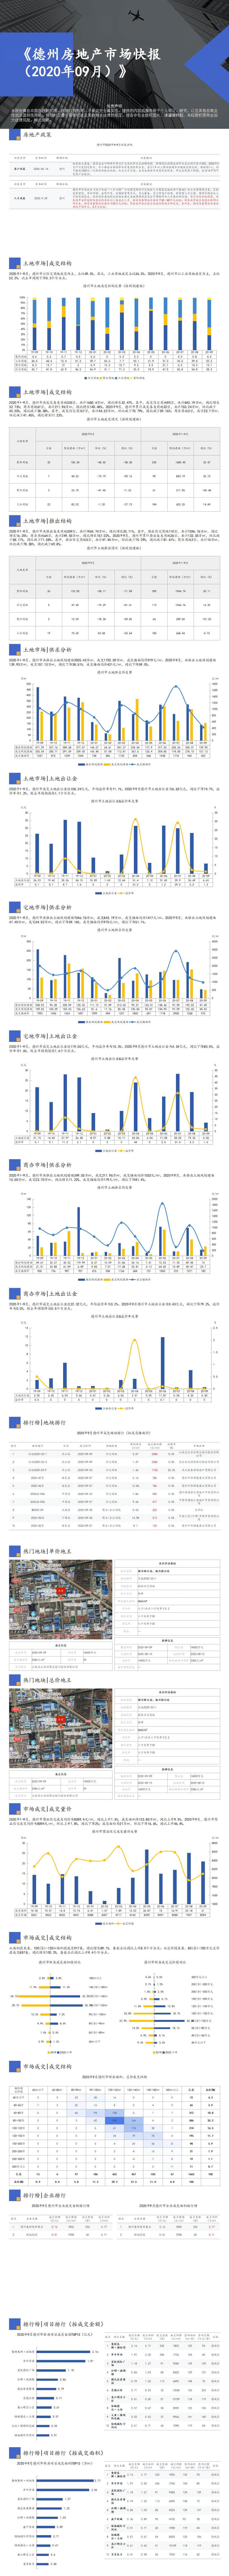 《德州房地产市场快报(2020年09月)》.jpg